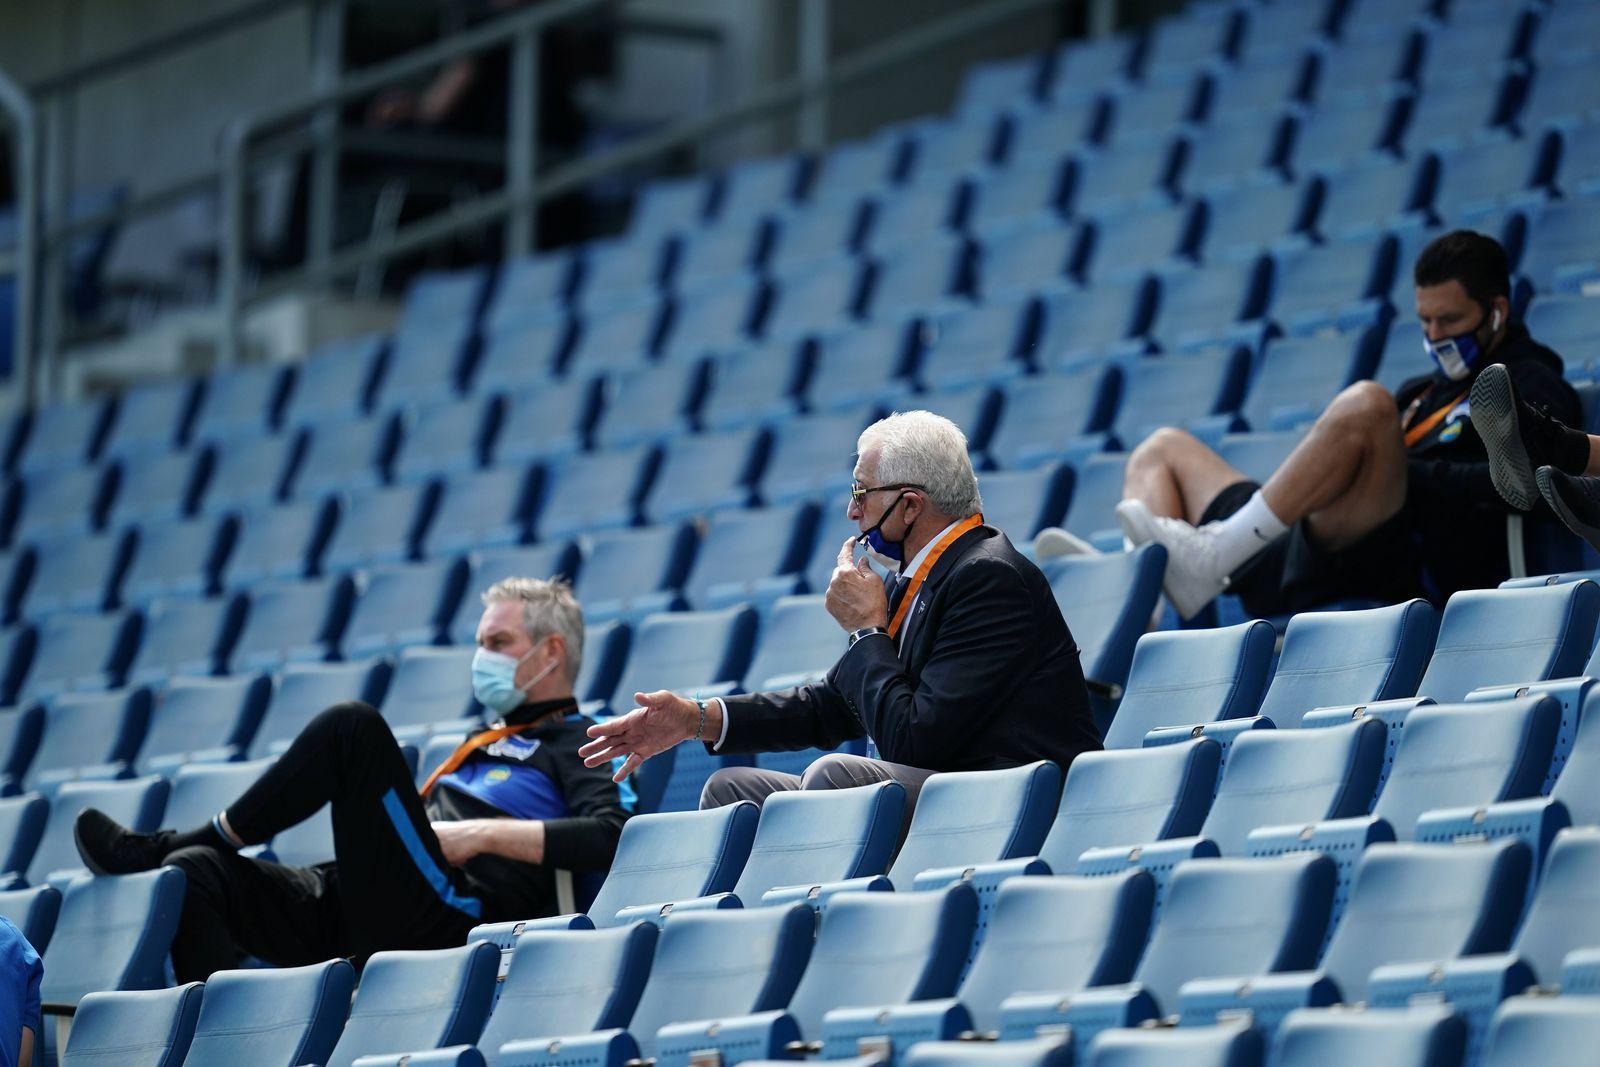 Fussball Funktionsteam von Hertha BSC Berlin auf der Tribuene mit Mundschutz Sinsheim, 16.05.2020, Fussball Bundesliga,